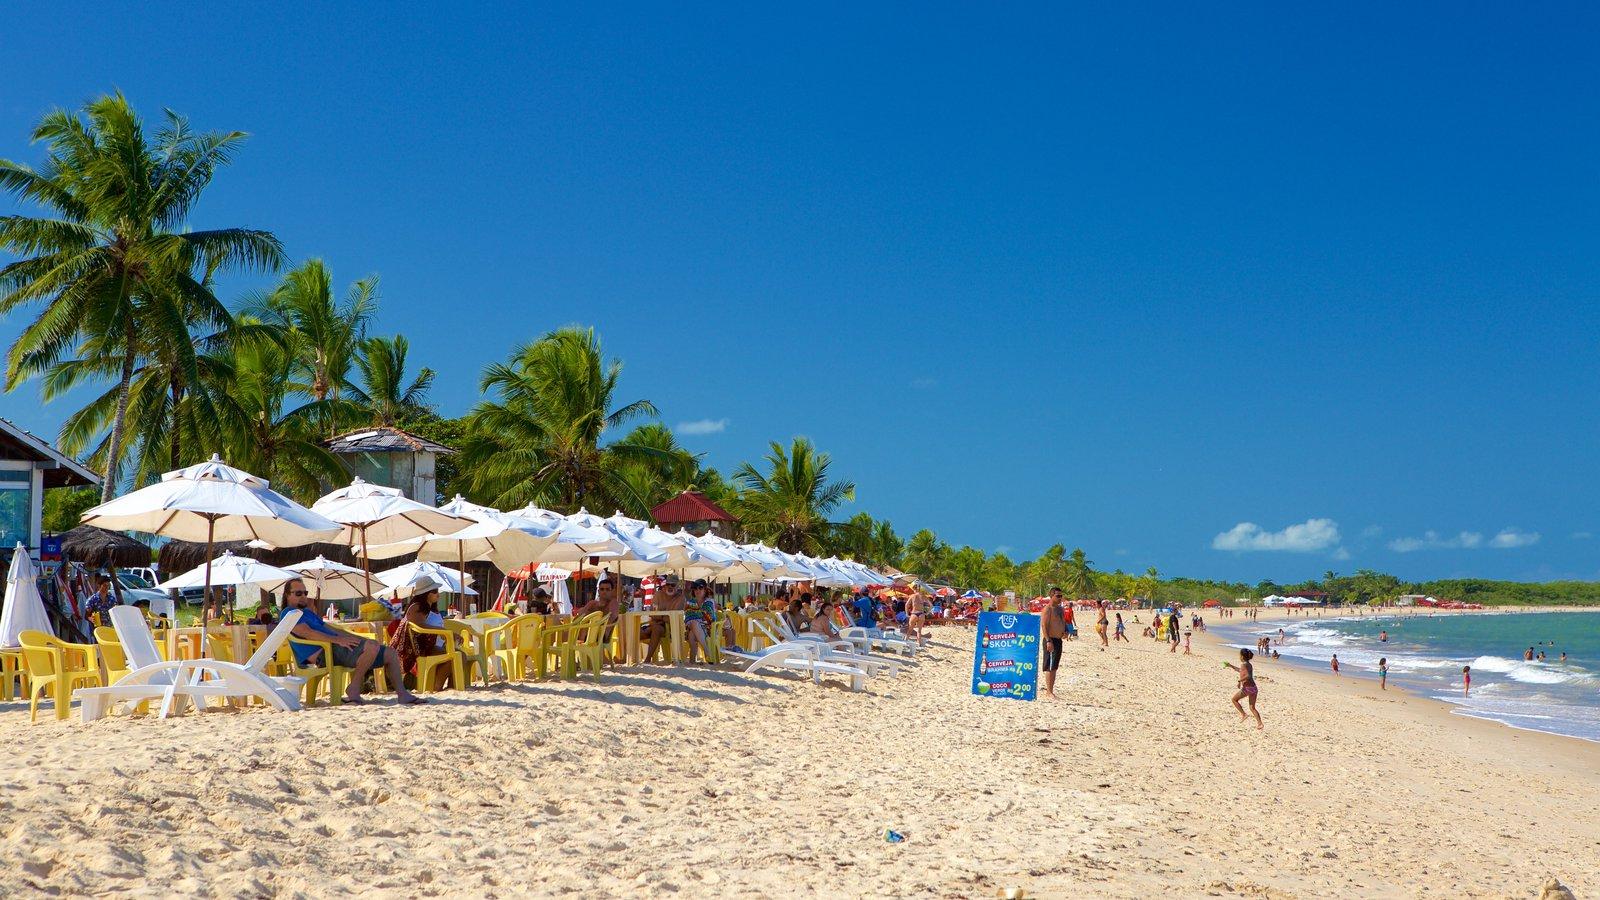 Praia de Taperapuã mostrando uma praia, um hotel de luxo ou resort e paisagens litorâneas